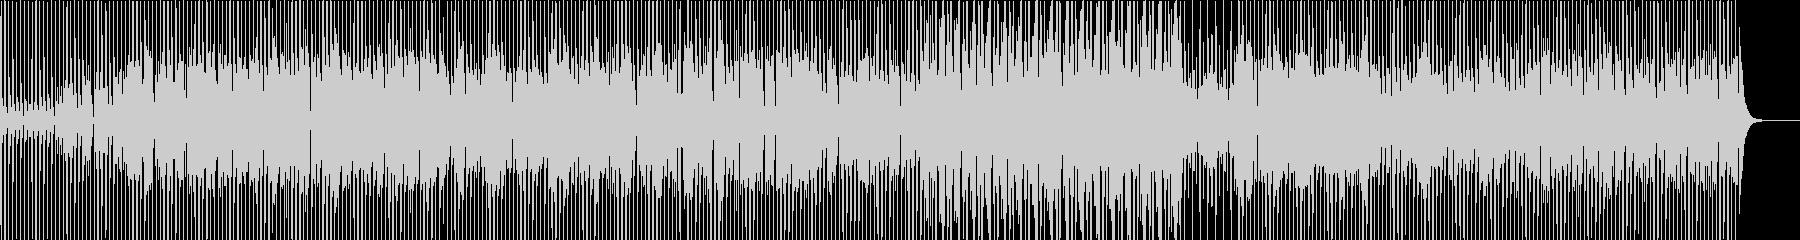 RELAXIN'の未再生の波形